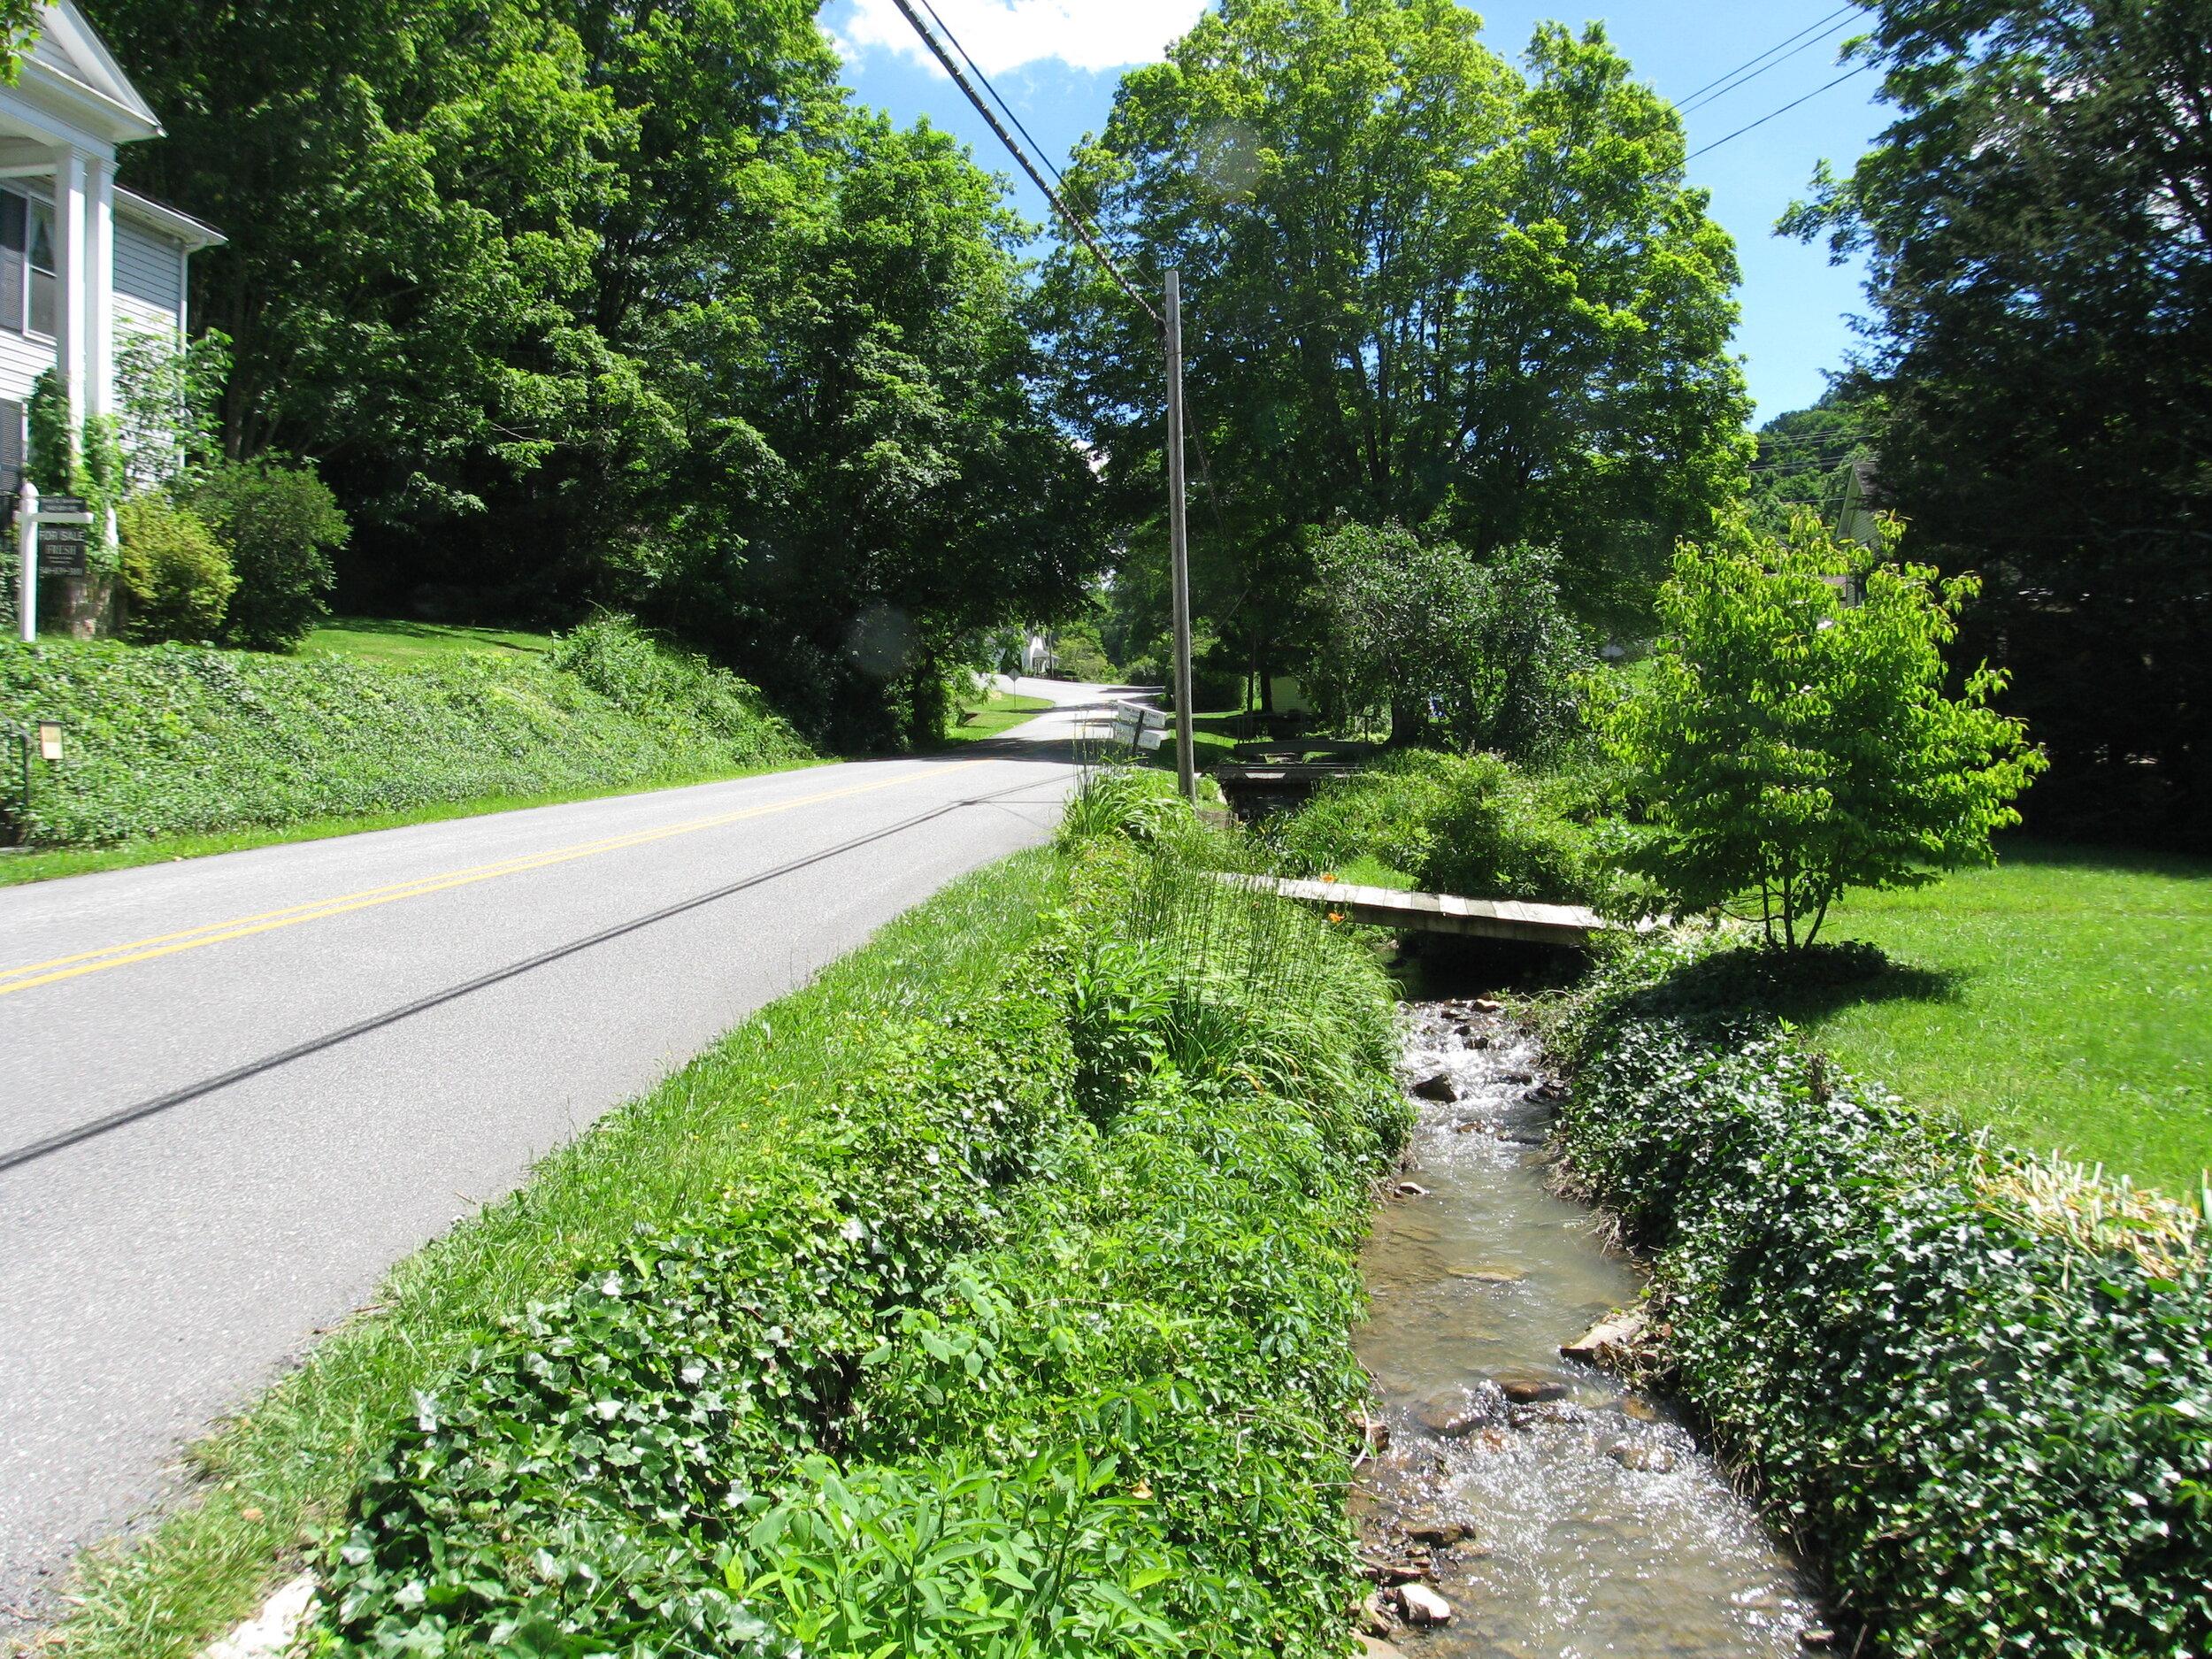 Stream across the road